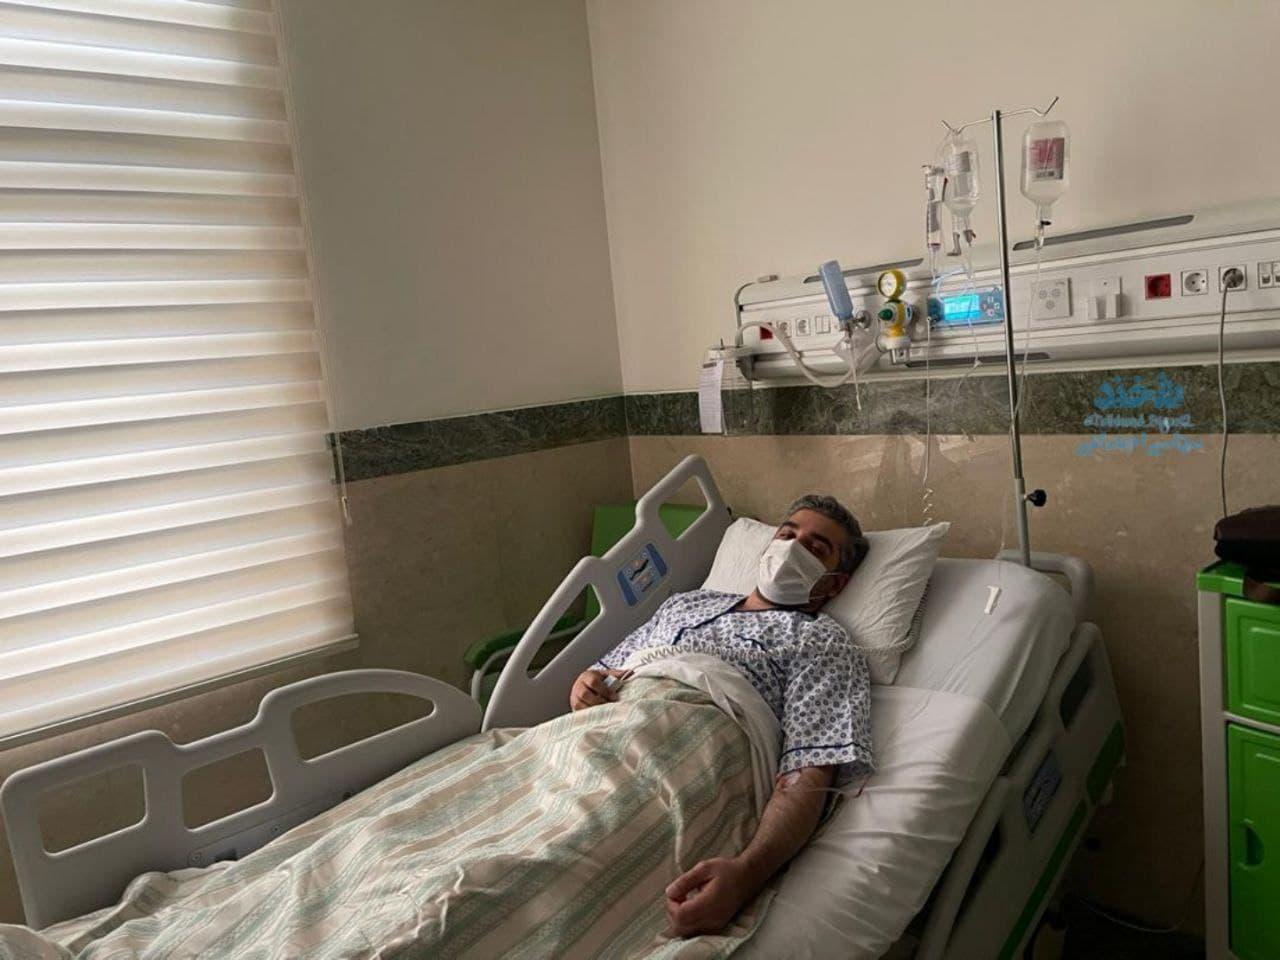 علی رضوانی به دلیل ابتلا به کرونا در بیمارستان بستری شد